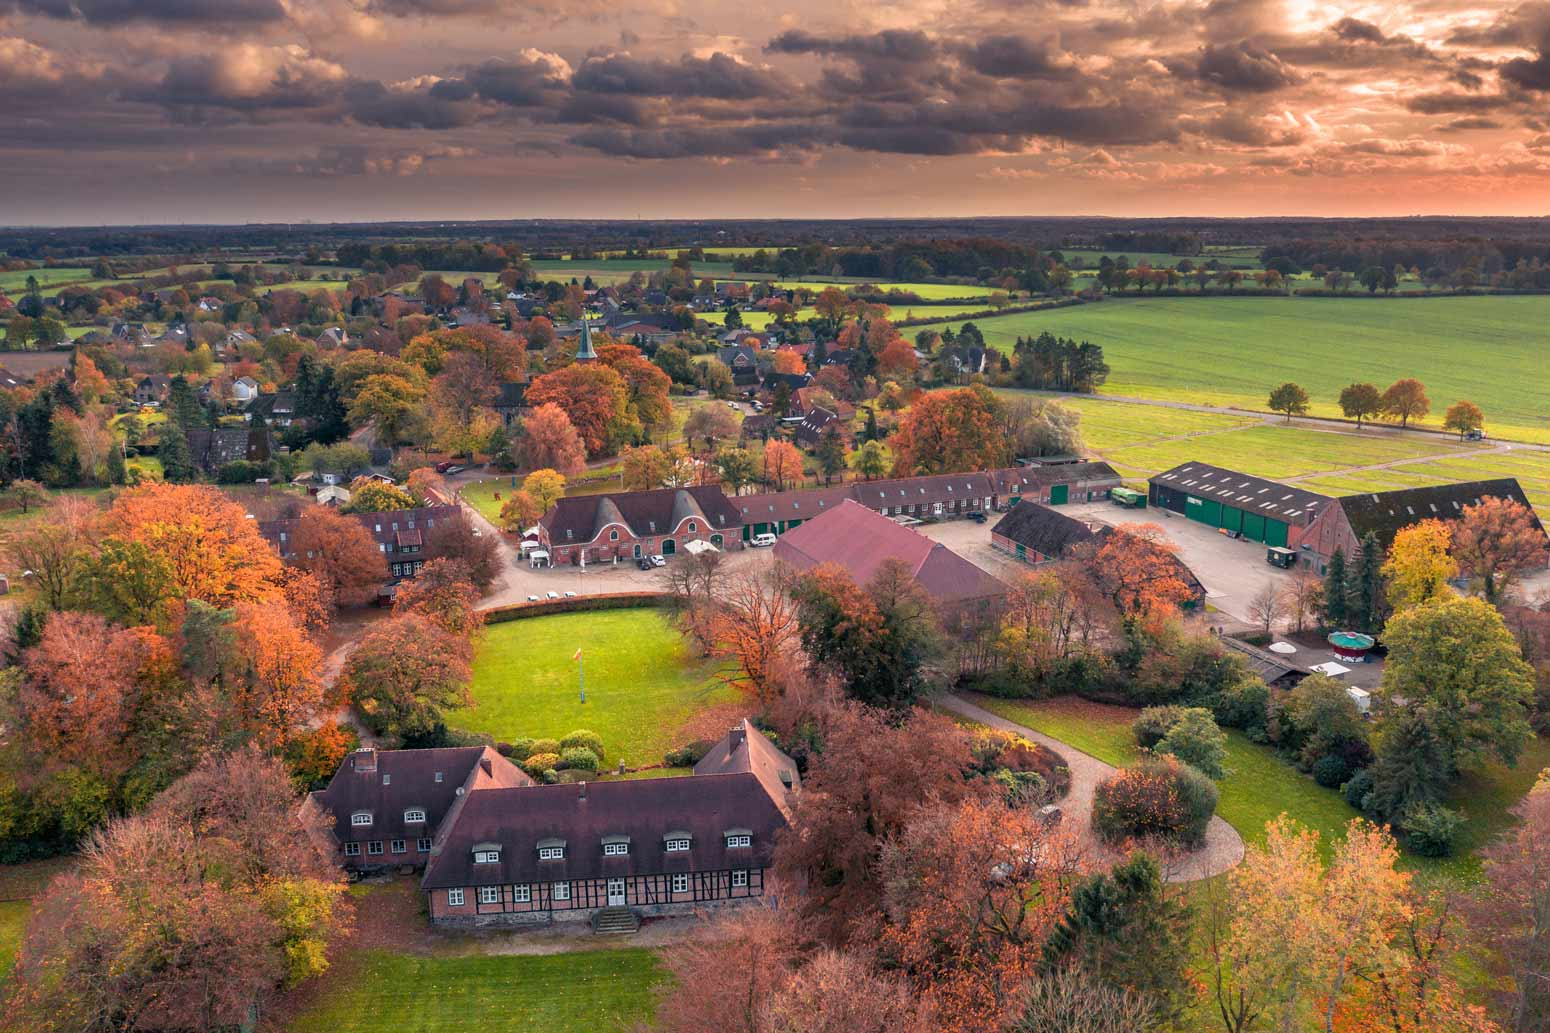 Die Jagdschule auf dem Gut Basthorst bei Hamburg im Herbst bei Sonnenuntergang aus Norden in Richtung. Rechts der Sonnenuntergang über Hamburg.